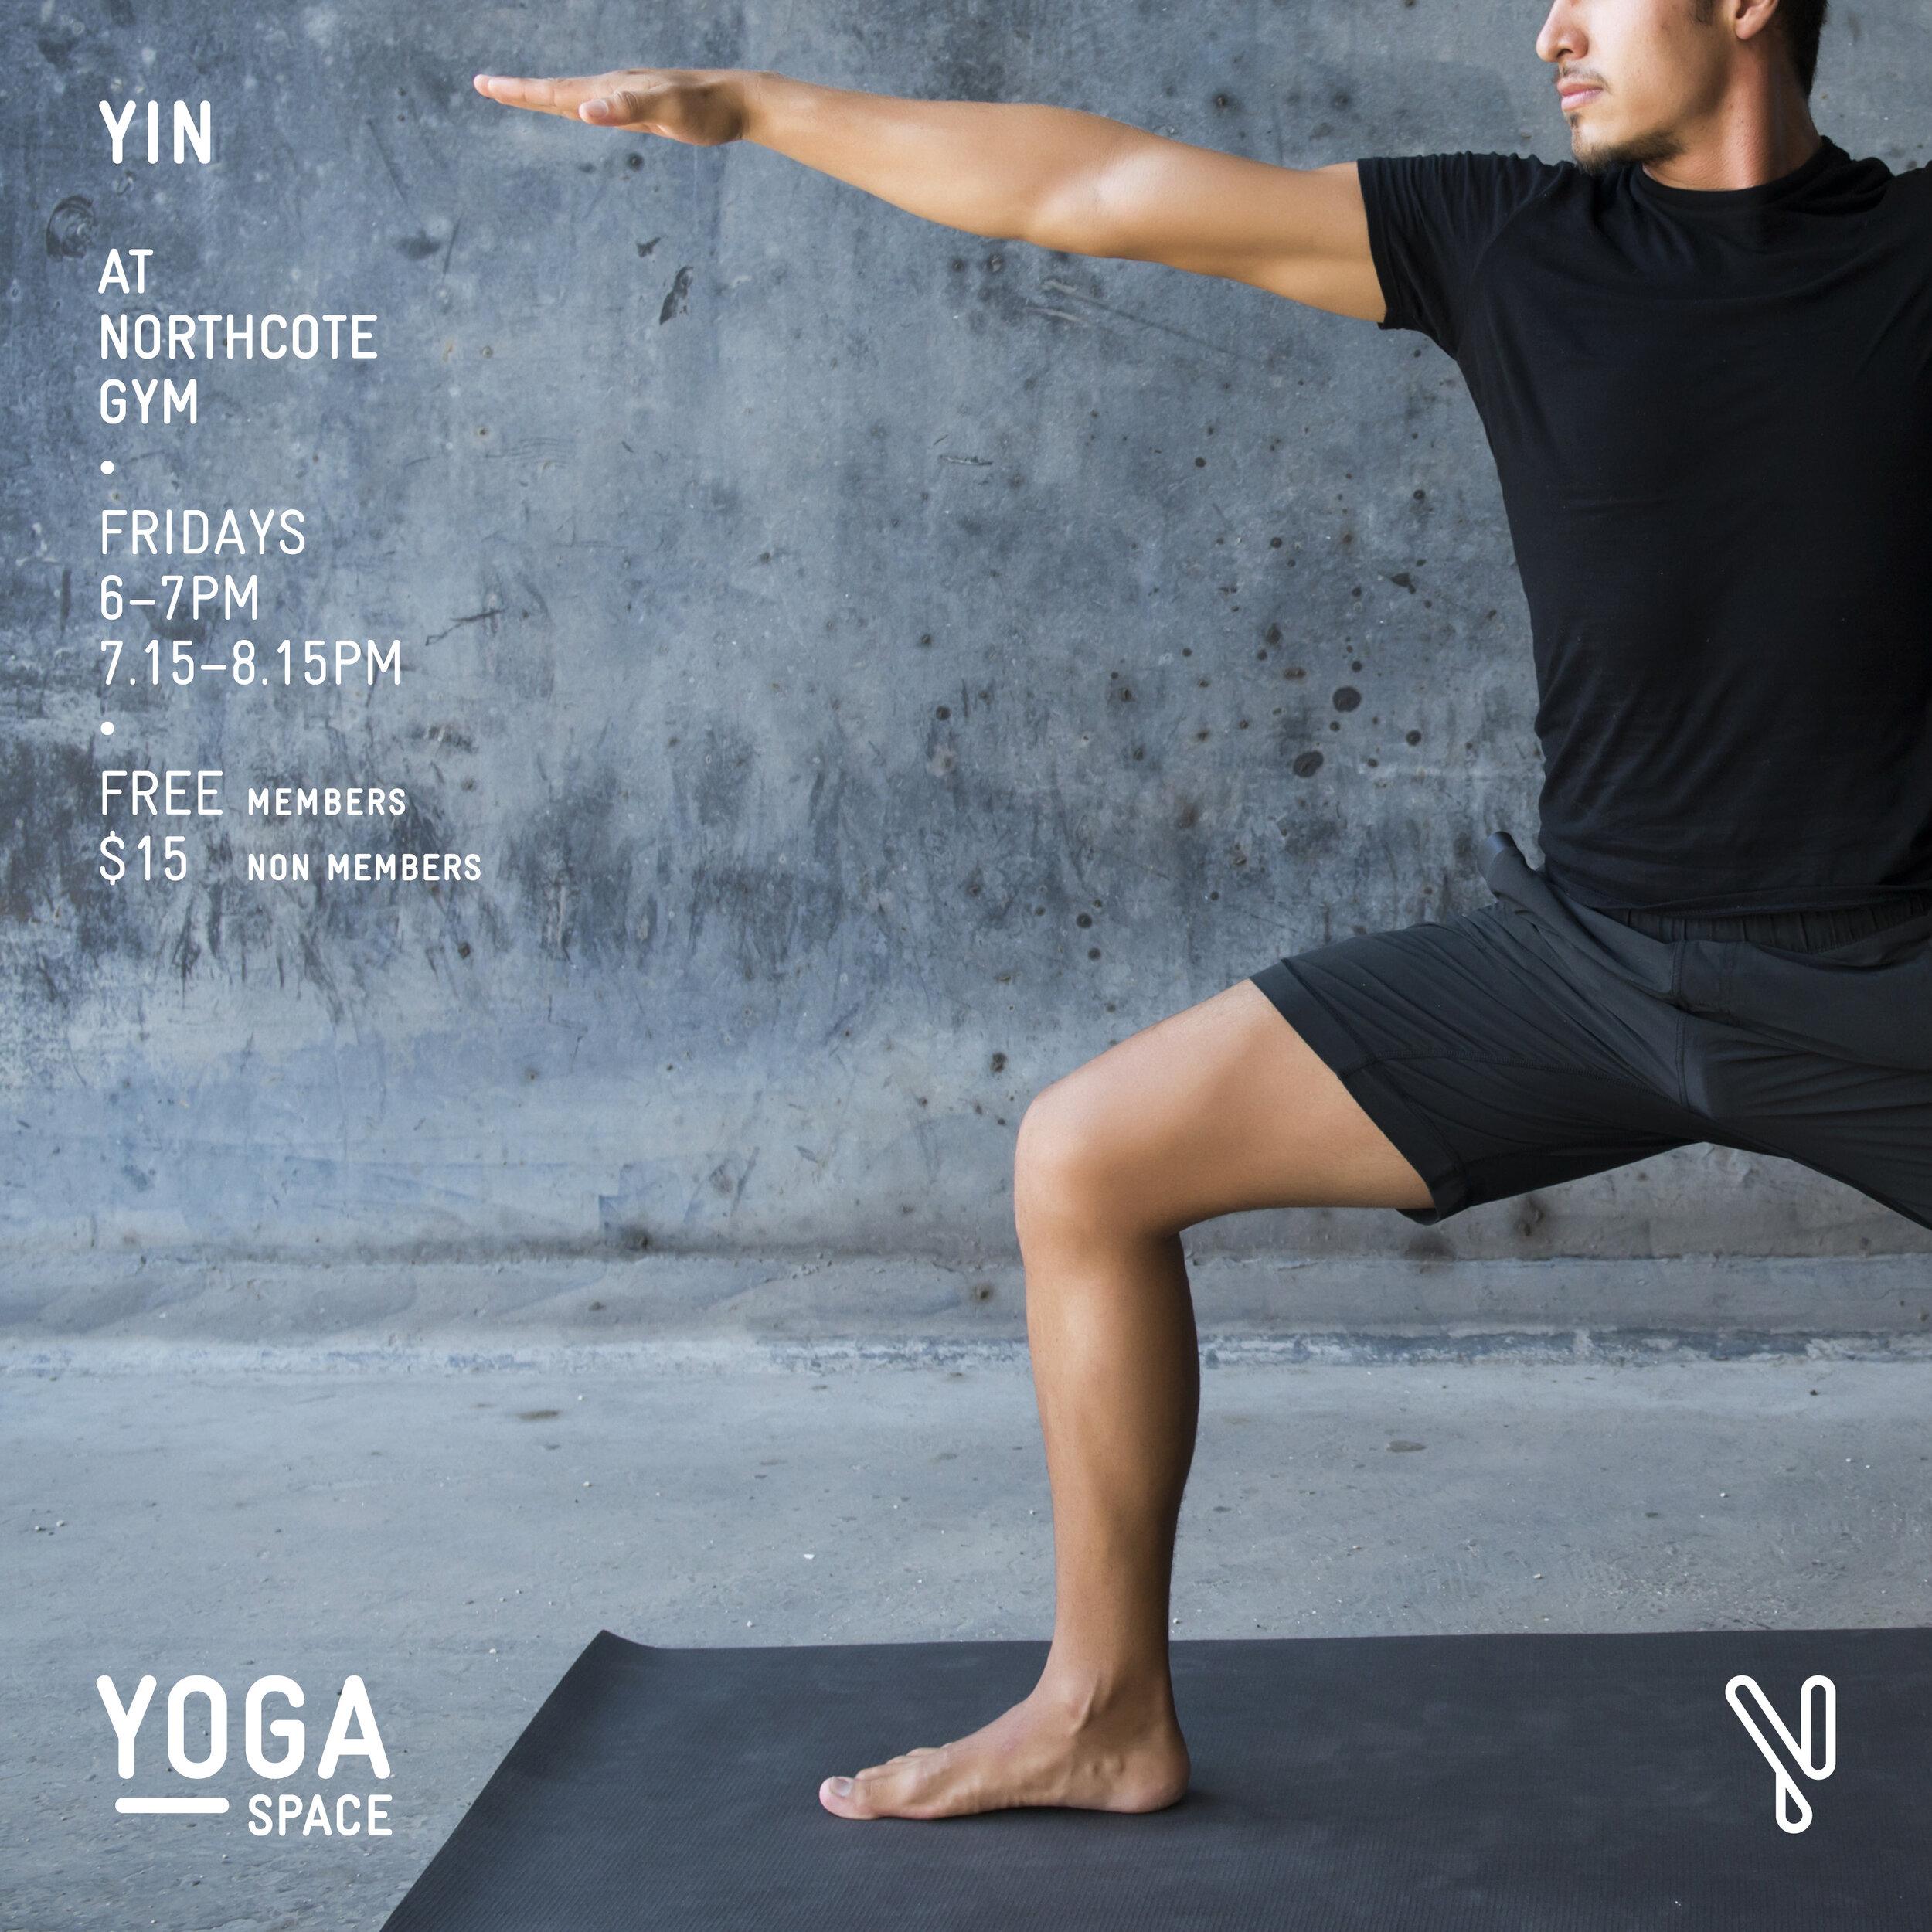 YogaAtNSPostTemplateOct19 d15.jpg